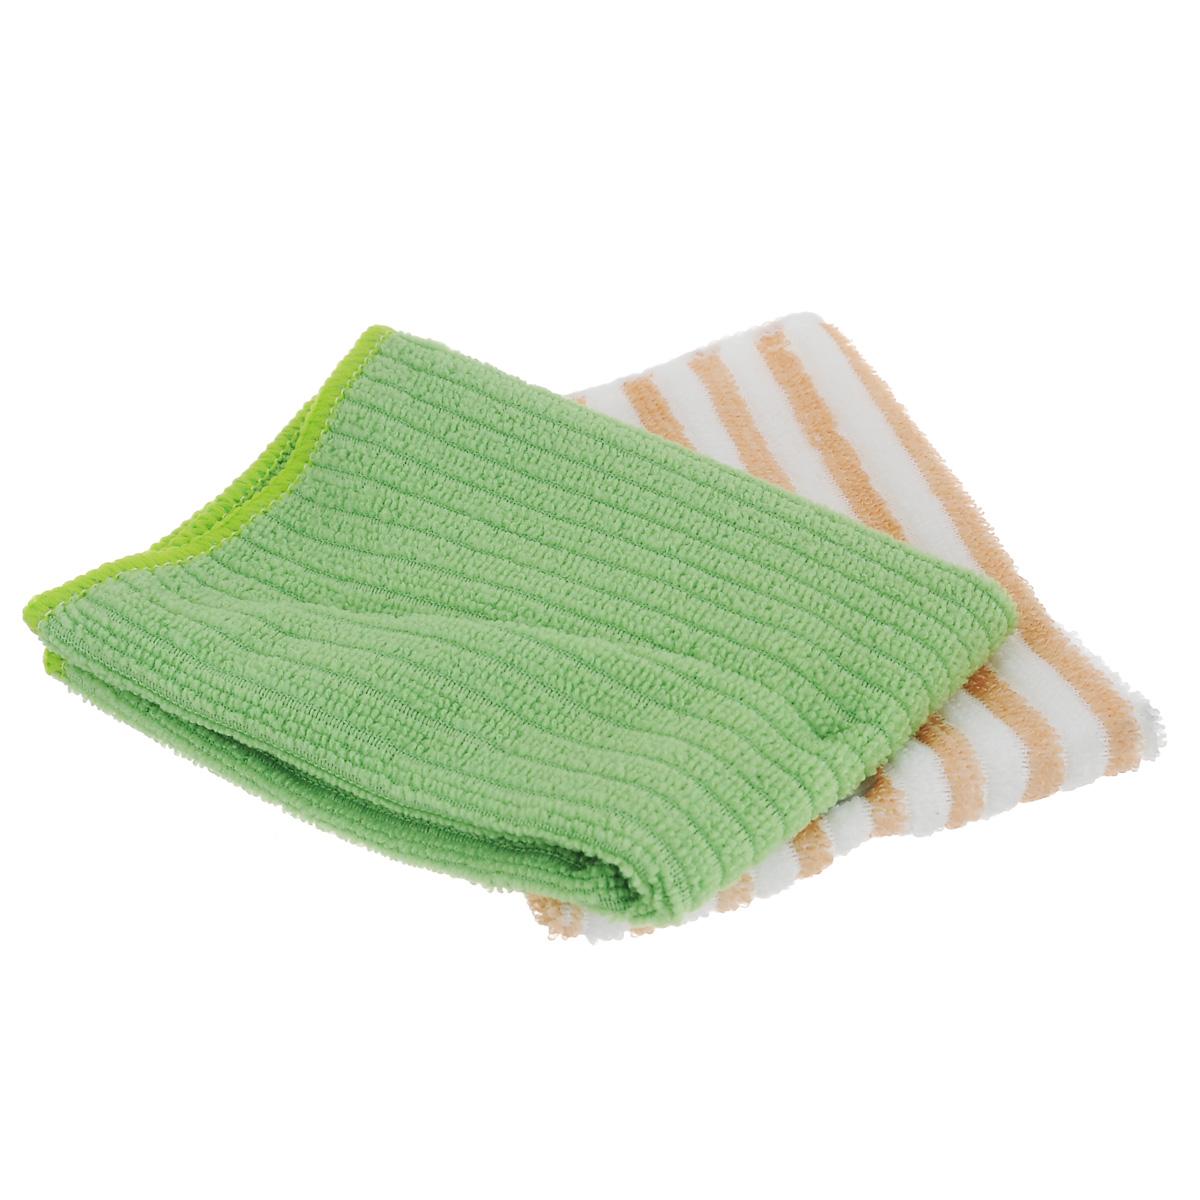 Салфетка из микрофибры Home Queen, цвет: зеленый, белый, 30 х 30 см, 2 шт787502Салфетка Home Queen, изготовленная из полиэстера, предназначена для очищения загрязнений на любых поверхностях. Изделие обладает высокой износоустойчивостью и рассчитано на многократное использование, легко моется в теплой воде с мягкими чистящими средствами. Супервпитывающая салфетка не оставляет разводов и ворсинок, удаляет большинство жирных и маслянистых загрязнений без использования химических средств. Размер салфетки: 30 см х 30 см.Комплектация: 2 шт.